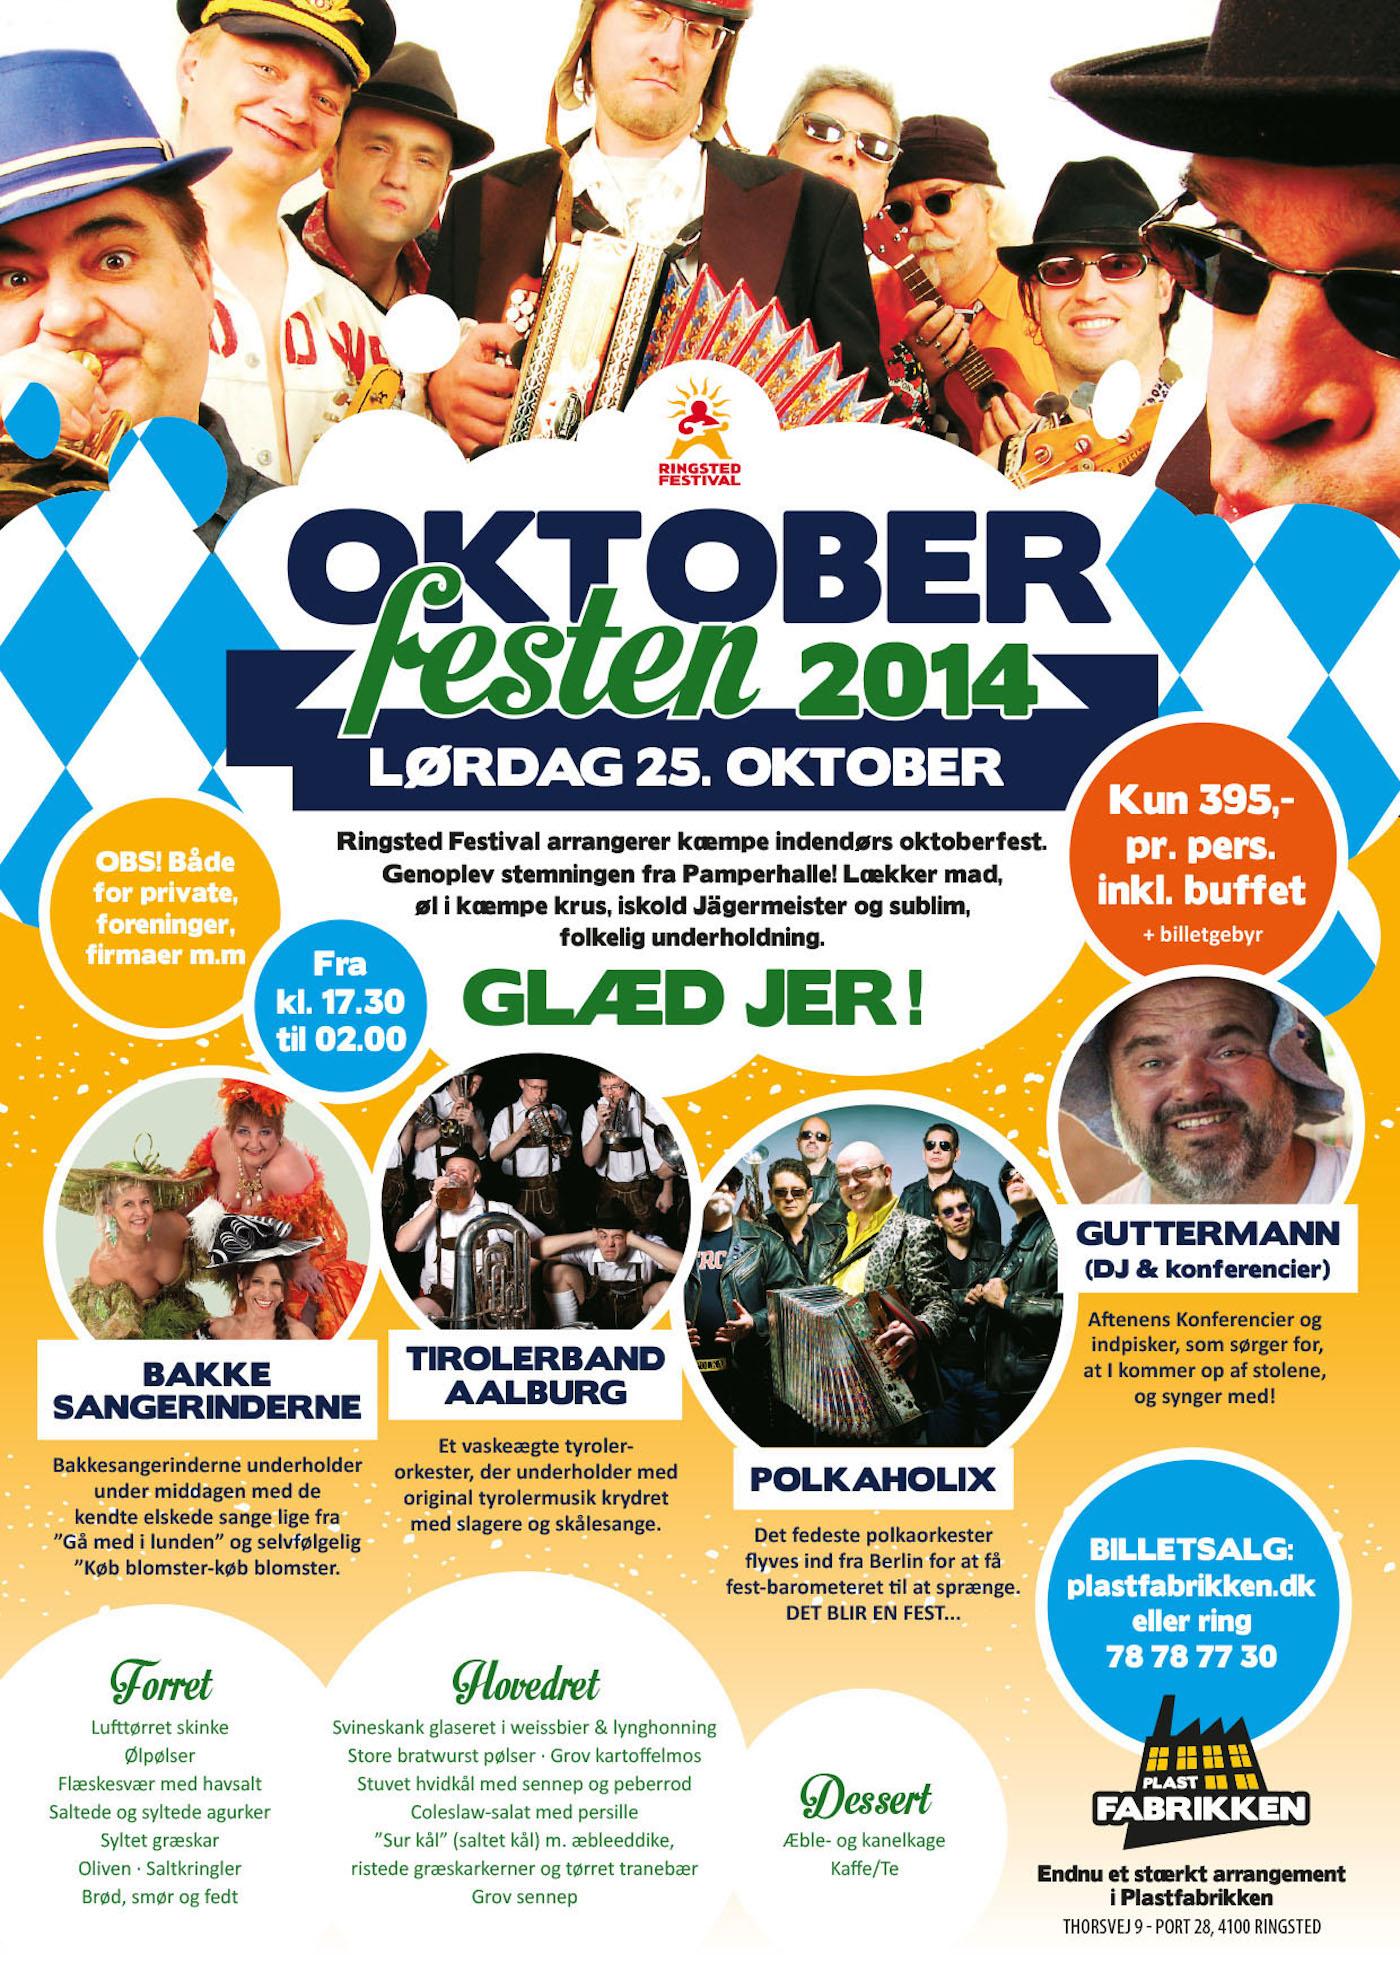 Oktoberfest 2014 | Billetter | Ringsted | Musik | Billetto — Denmark